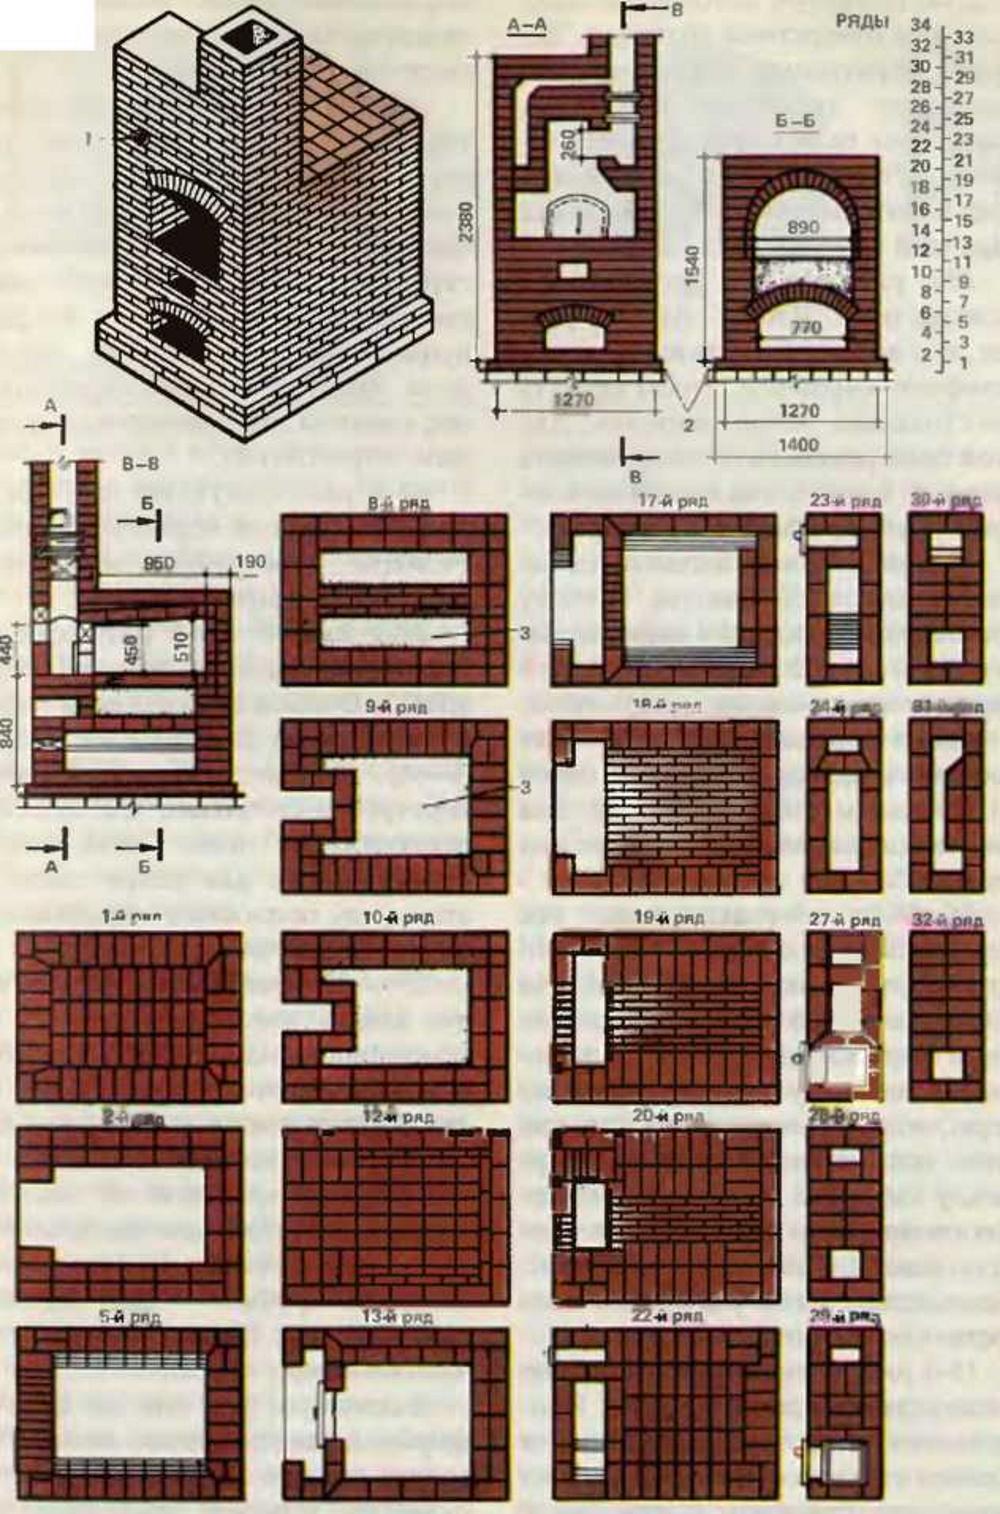 Схема кладки печи с расшифровкой по каждому ряду и поперечными разрезами